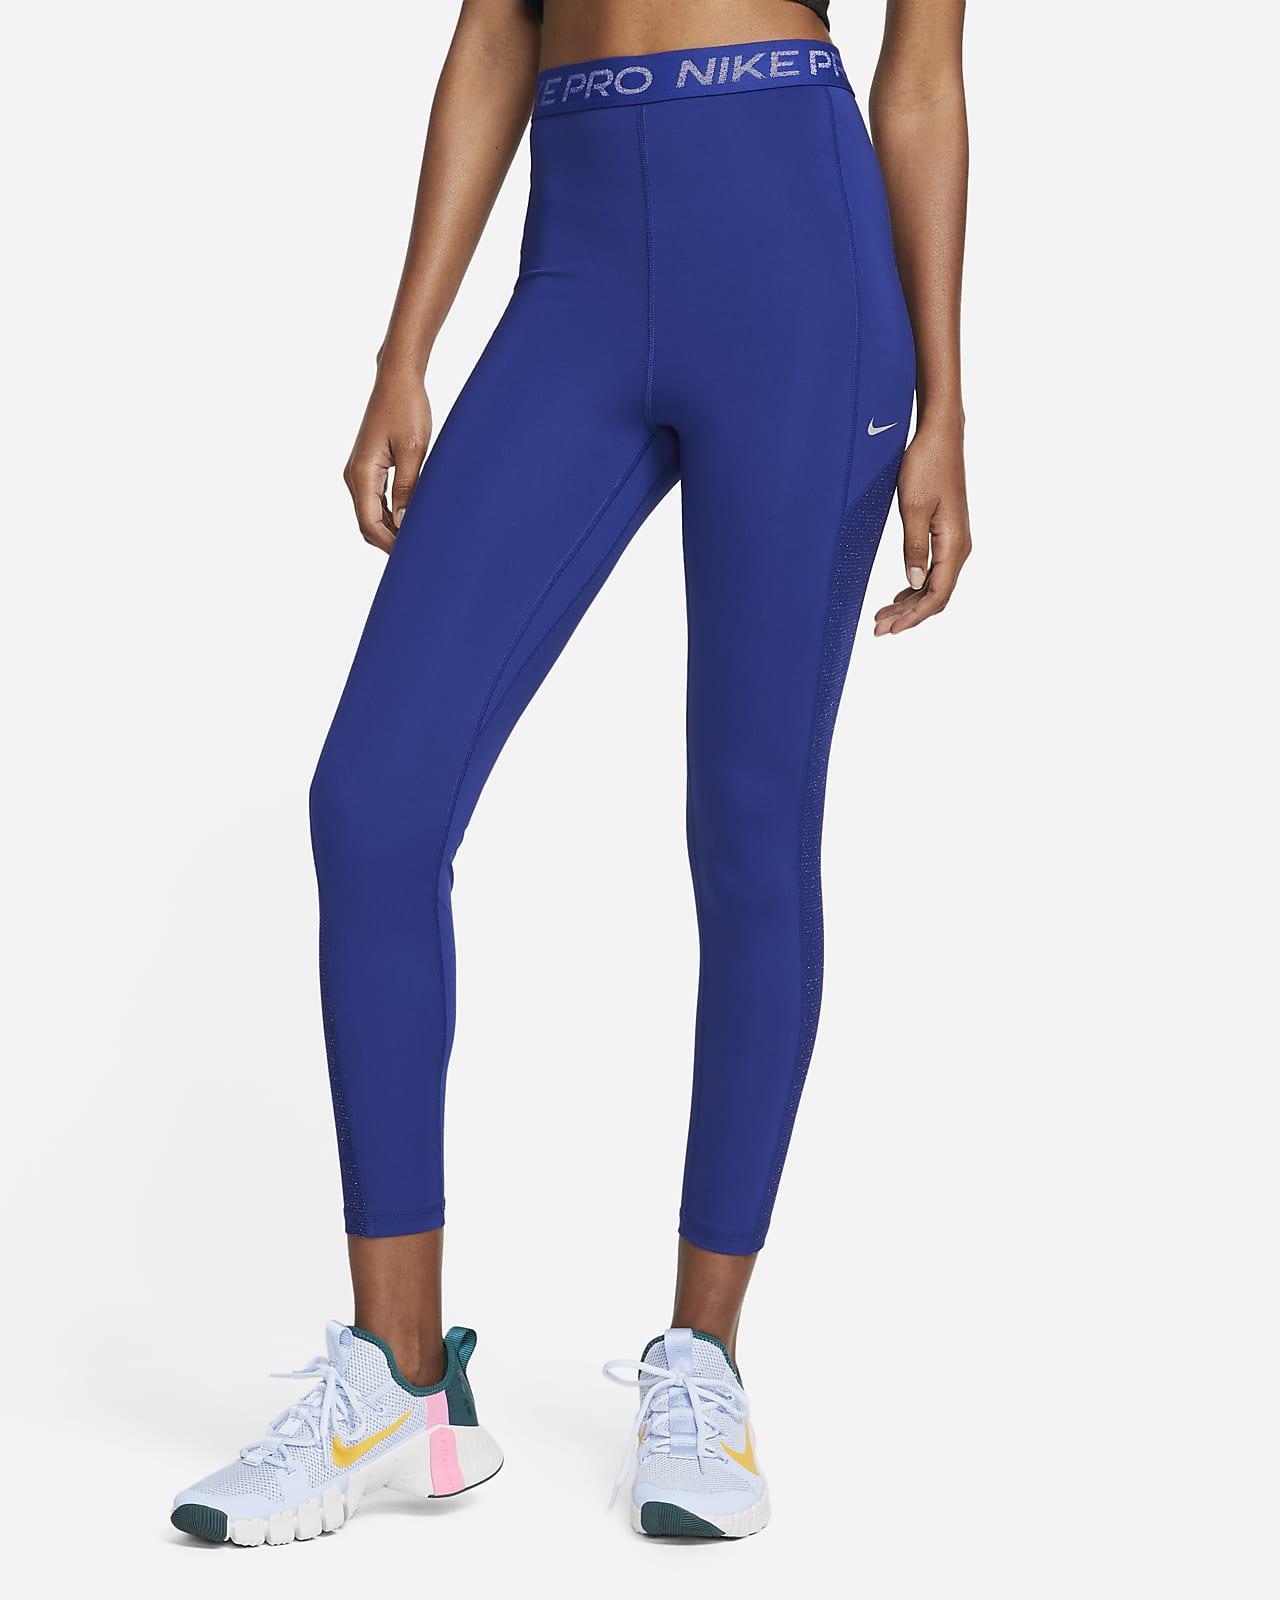 Glänsande leggings i 7/8-längd med hög midja Nike Pro Dri-FIT för kivnnor